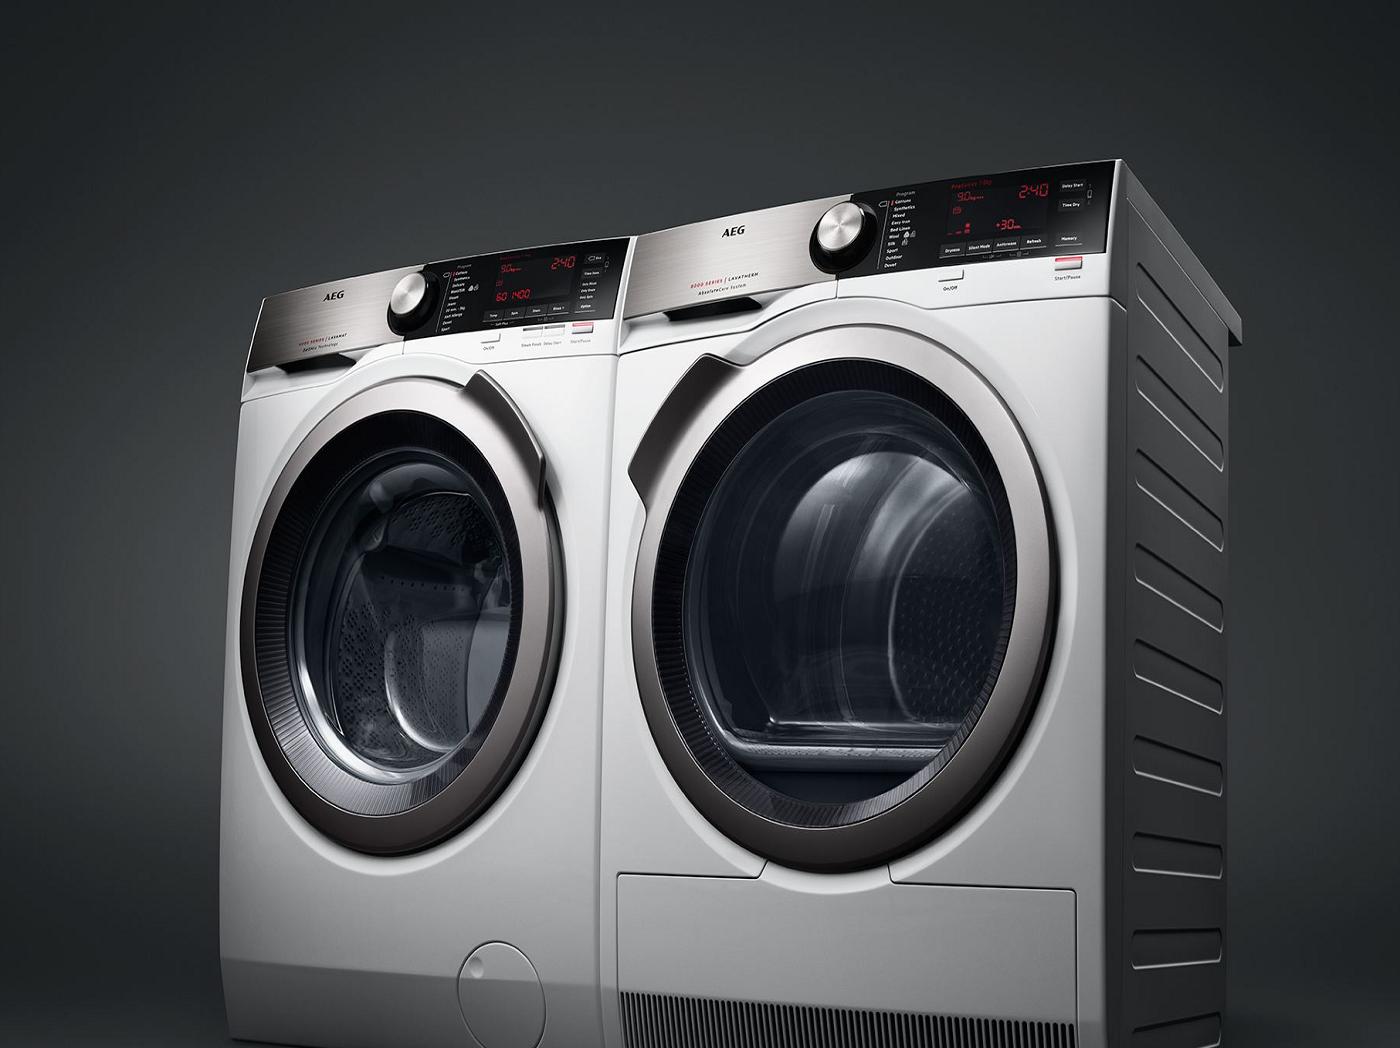 AEG laundry